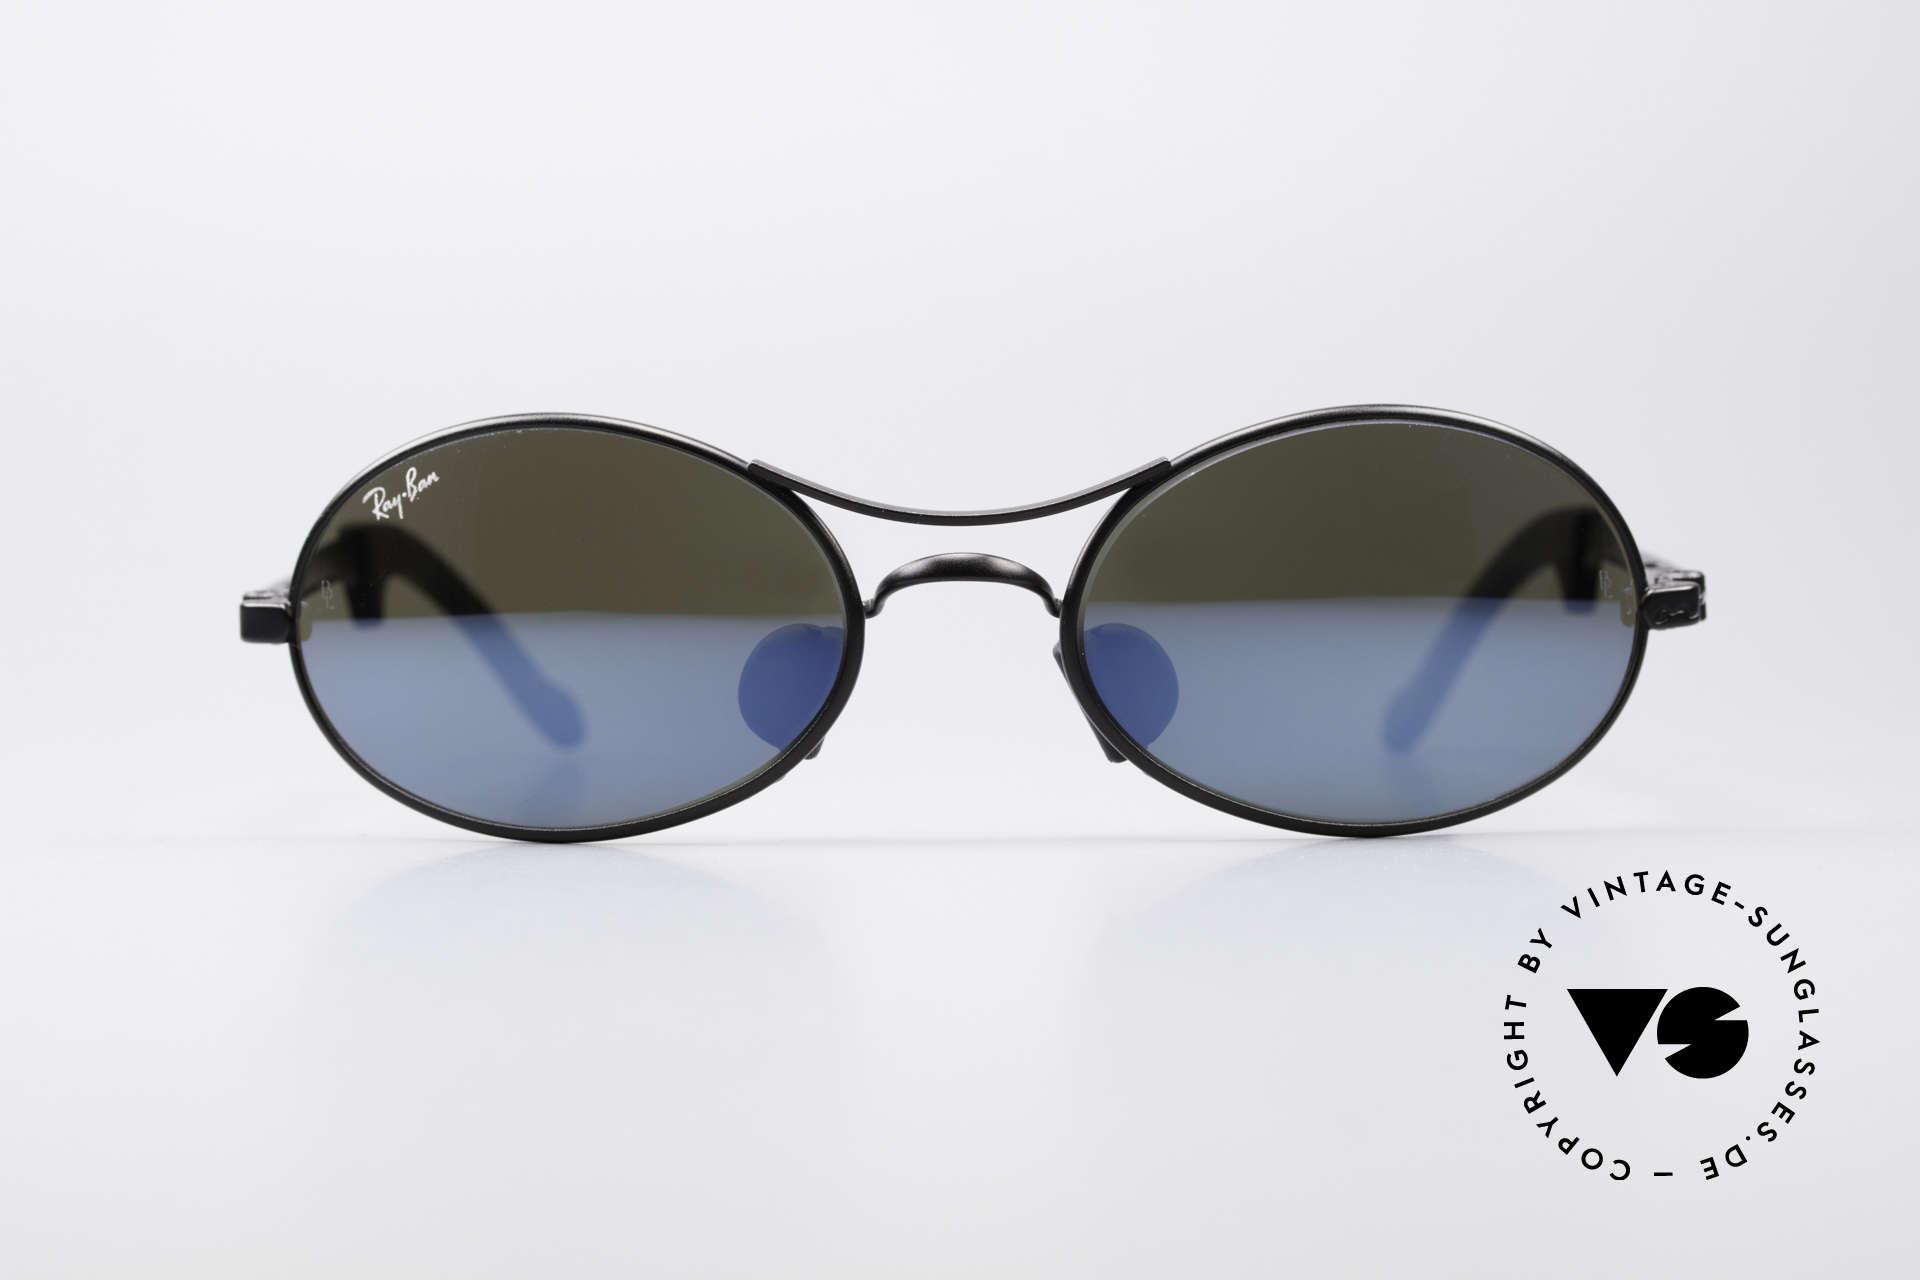 Ray Ban Orbs 9 Base Oval Blue Mirror B&L USA Brille, original vintage USA Sonnenbrille der späten 1990er, Passend für Herren